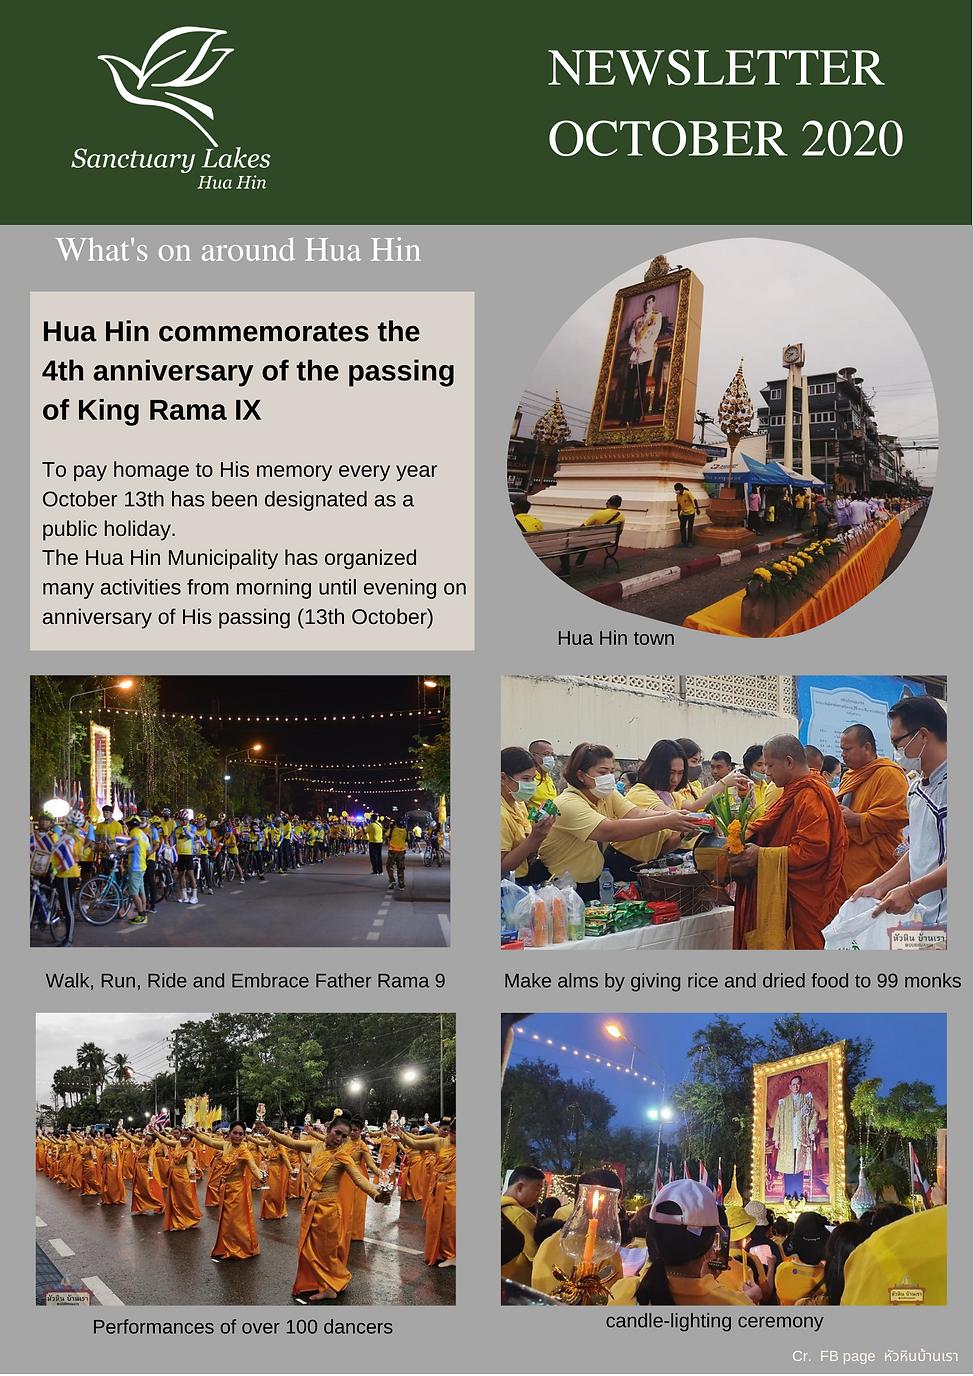 Newsletter-October 2020_pg2